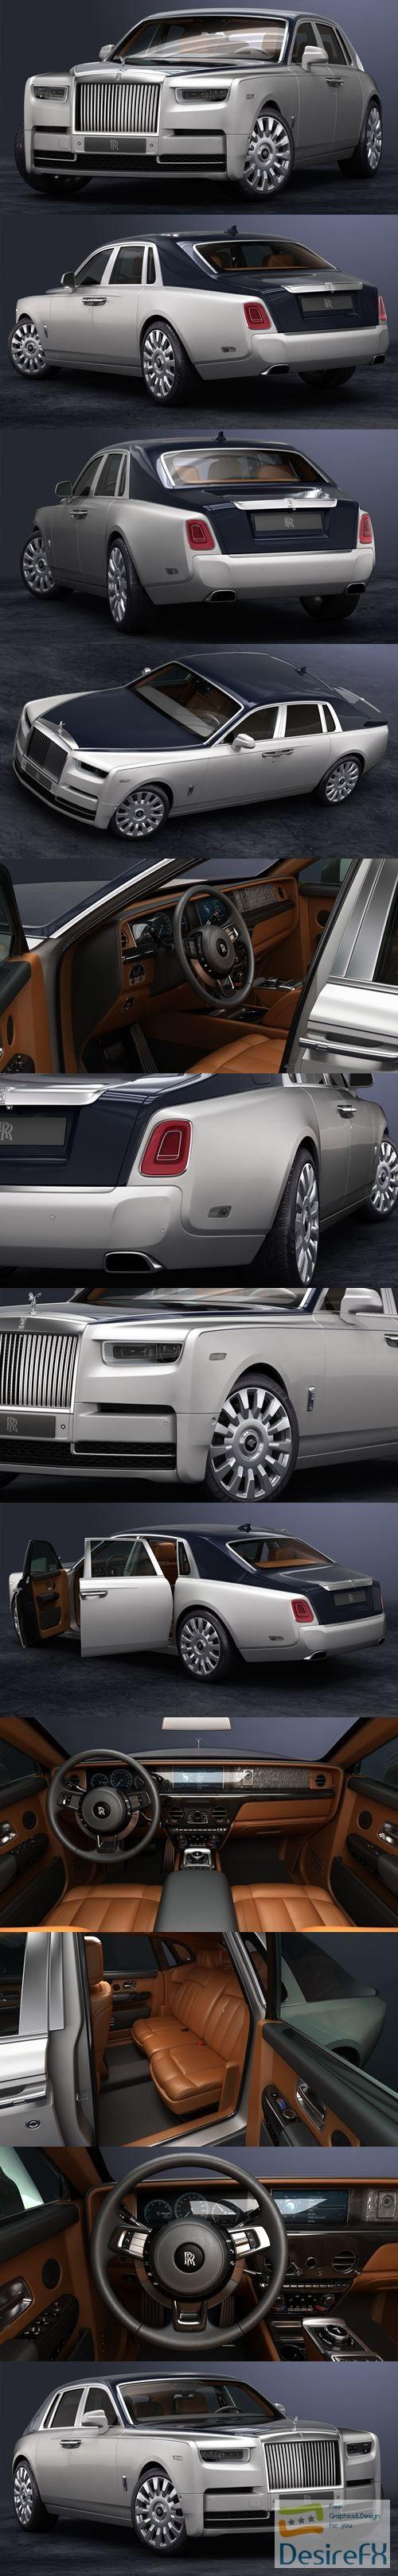 3d-models - Rolls-Royce Phantom 2018 3D Model